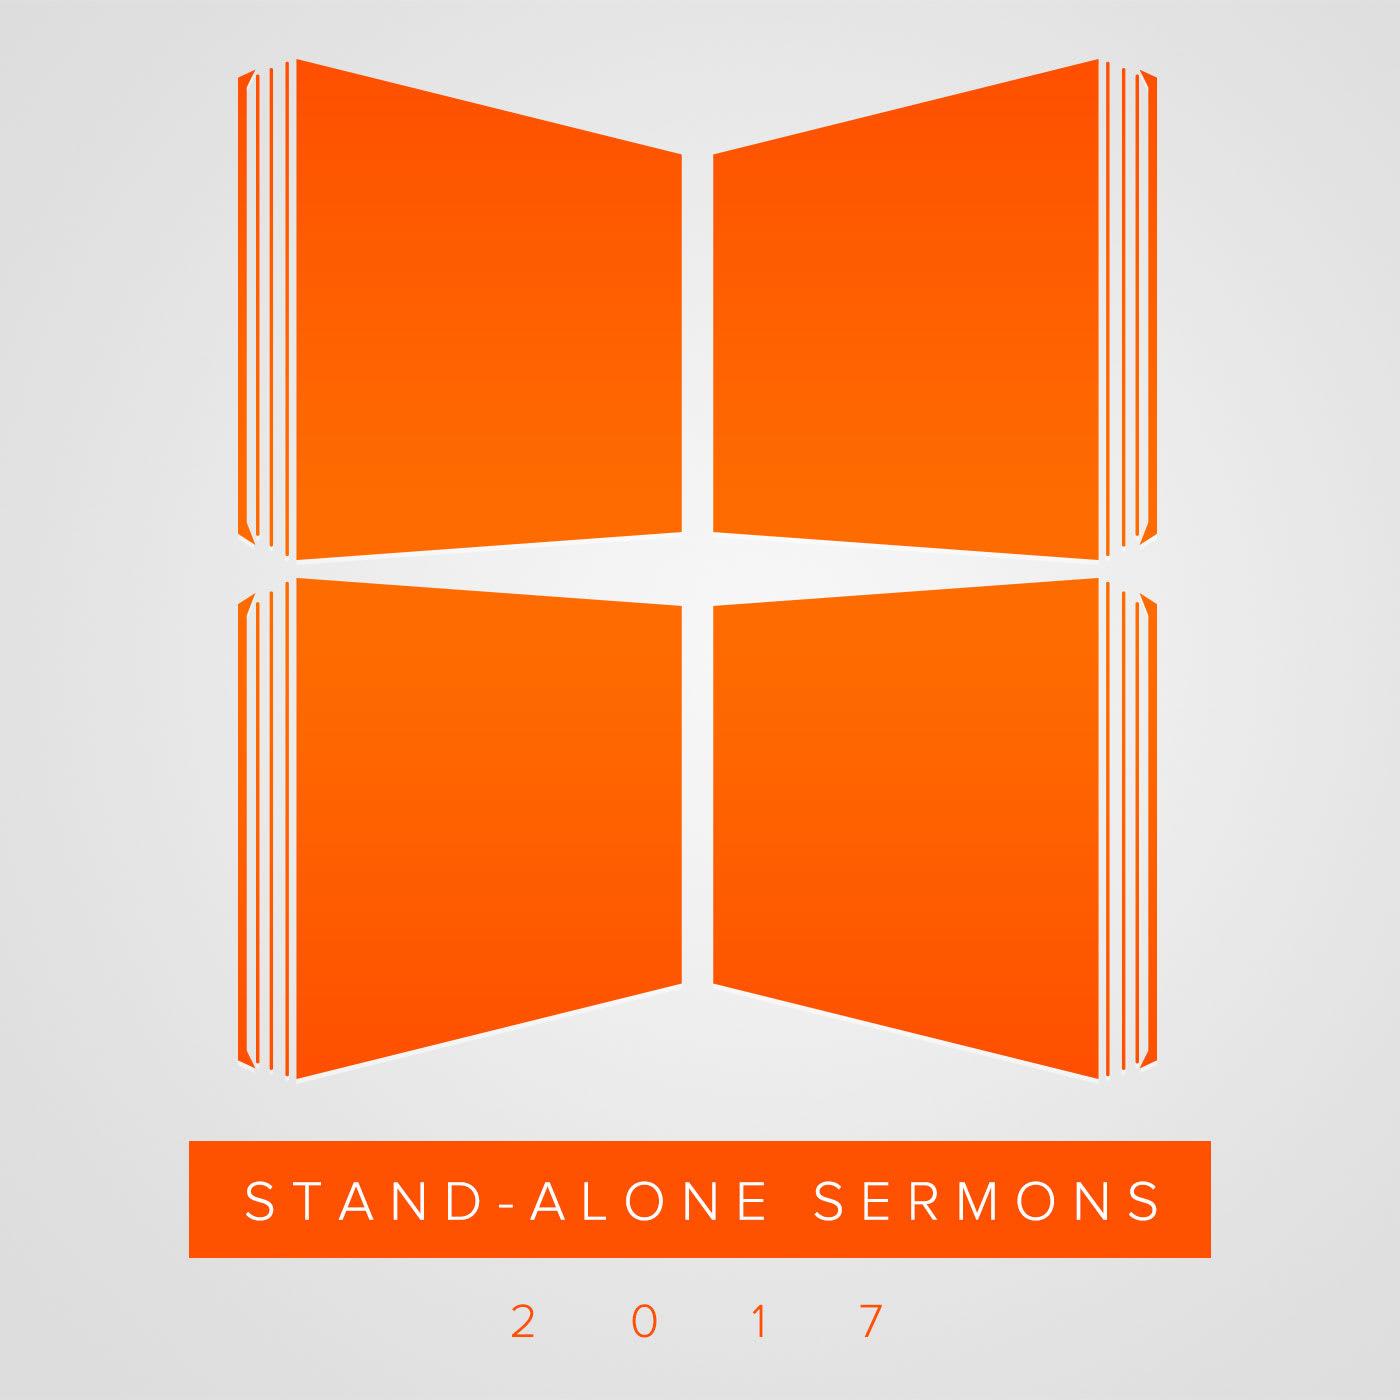 Stand-Alone Sermons (2017)